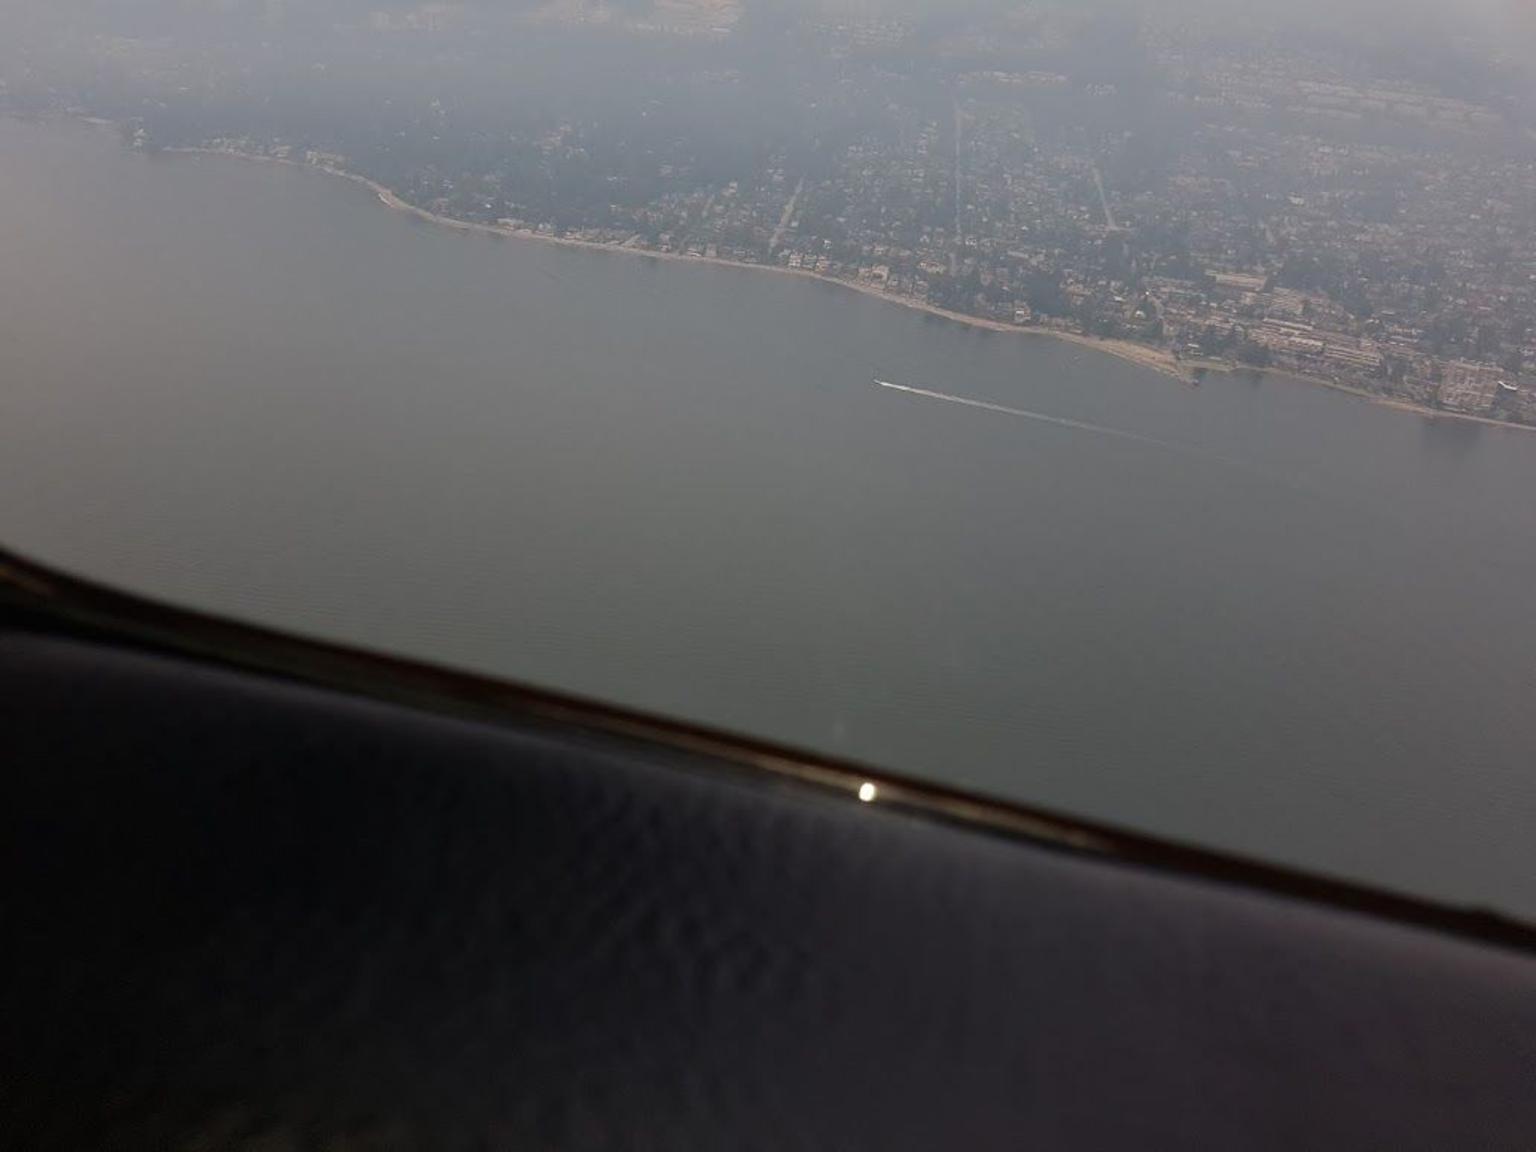 MÁS FOTOS, Victoria to Vancouver Seaplane Flight